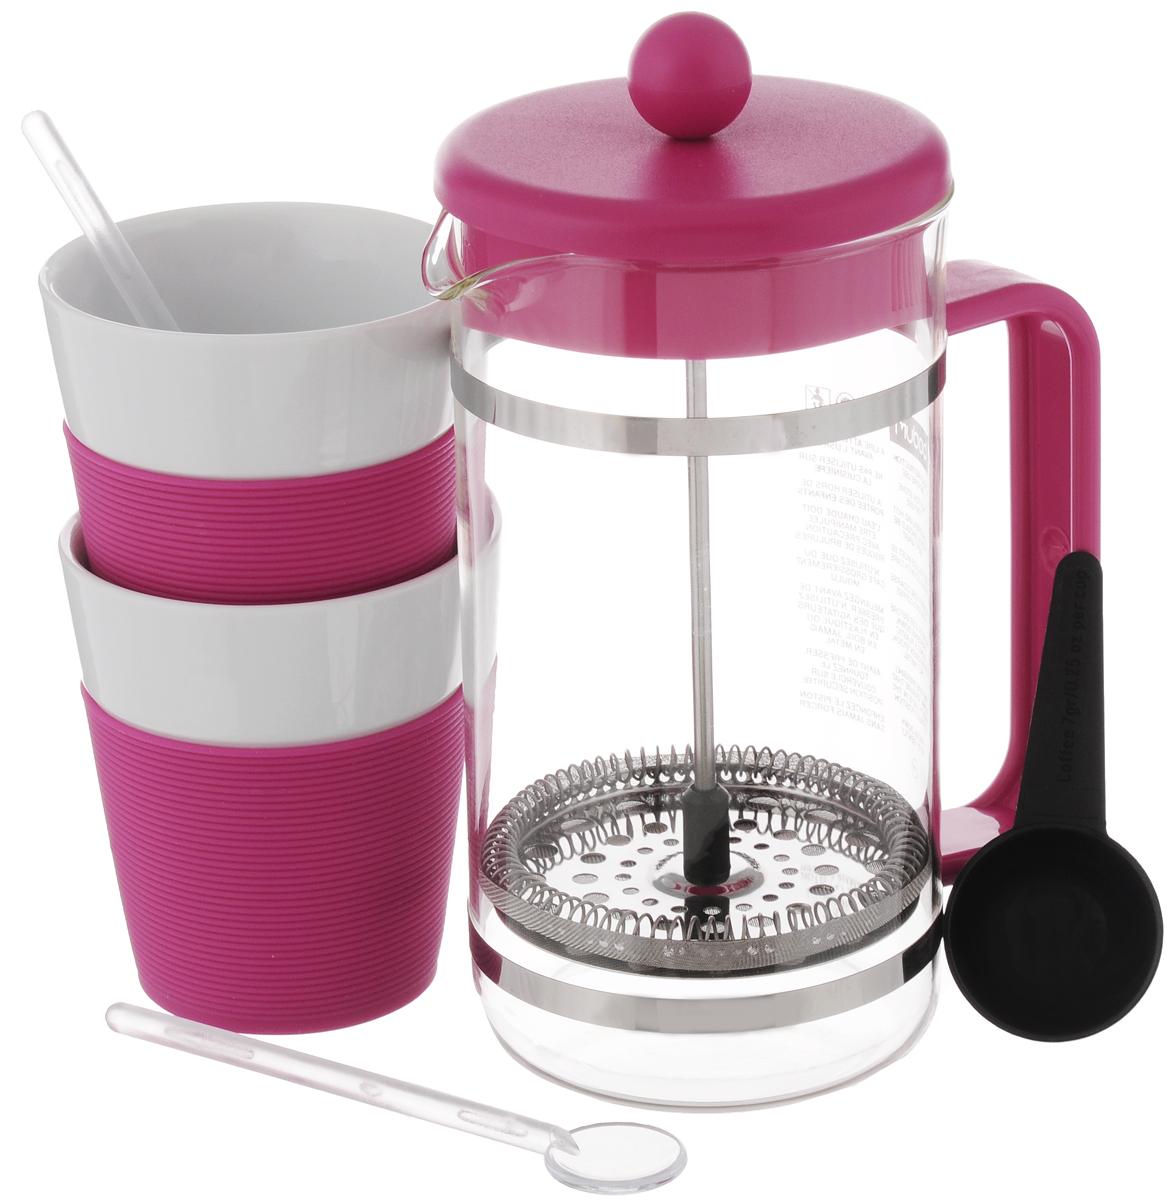 Набор кофейный Bodum Bistro, цвет: розовый, прозрачный, белый, 6 предметов. AK1508AK1508-634-Y15/AK1508-XY-Y15Кофейный набор Bodum Bistro состоит из чайника френч-пресса, 2 стаканов, 2 ложек и мерной ложки. Френч-пресс выполнен из высококачественного жаропрочного стекла, нержавеющей стали и пластика. Френч-пресс - это заварочный чайник, который поможет быстро приготовить вкусный и ароматный чай или кофе. Металлический нержавеющий фильтр задерживает чайные листочки и частички зерен кофе. Засыпая чайную заварку или кофе под фильтр, заливая горячей водой, вы получаете ароматный напиток с оптимальной крепостью и насыщенностью. Остановить процесс заваривания легко, для этого нужно просто опустить поршень, и все уйдет вниз, оставляя сверху напиток, готовый к употреблению. Элегантные стаканы выполнены из высококачественного фарфора и оснащены резиновой вставкой, защищающей ваши руки от высоких температур. Ложки изготовлены из пластика. Яркий и стильный набор украсит стол к чаепитию и станет чудесным подарком к любому случаю. Изделия можно...